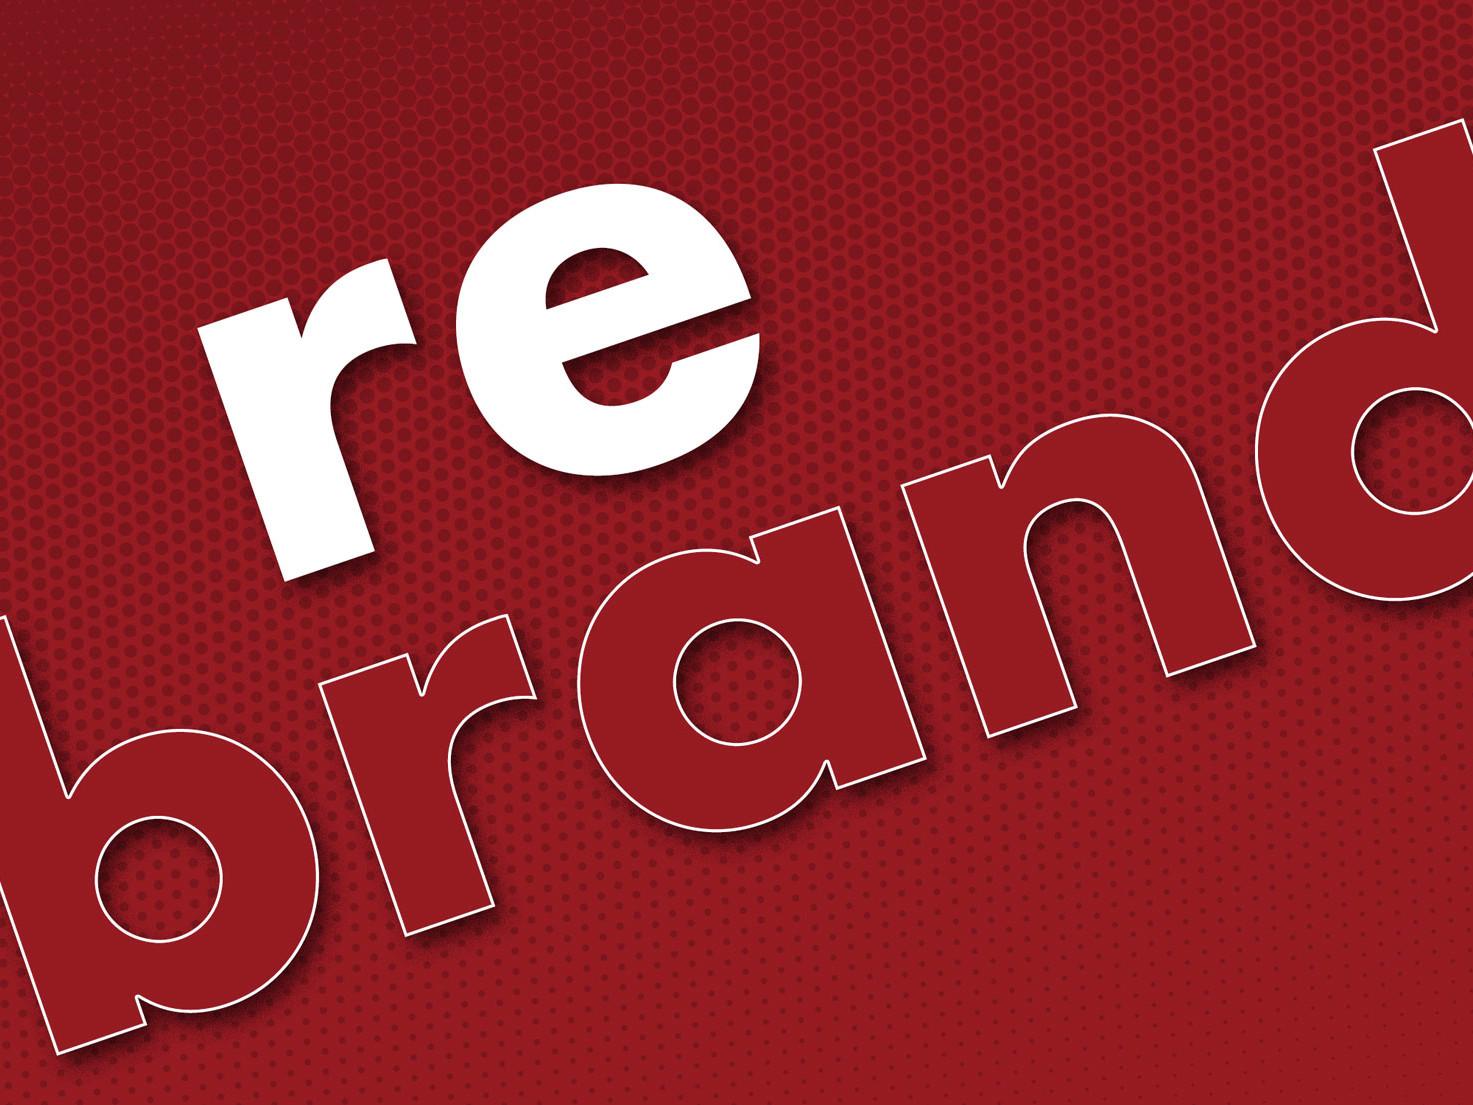 Rebranding steht in weißen und roten Buchstaben quer ueber das Bild geschrieben